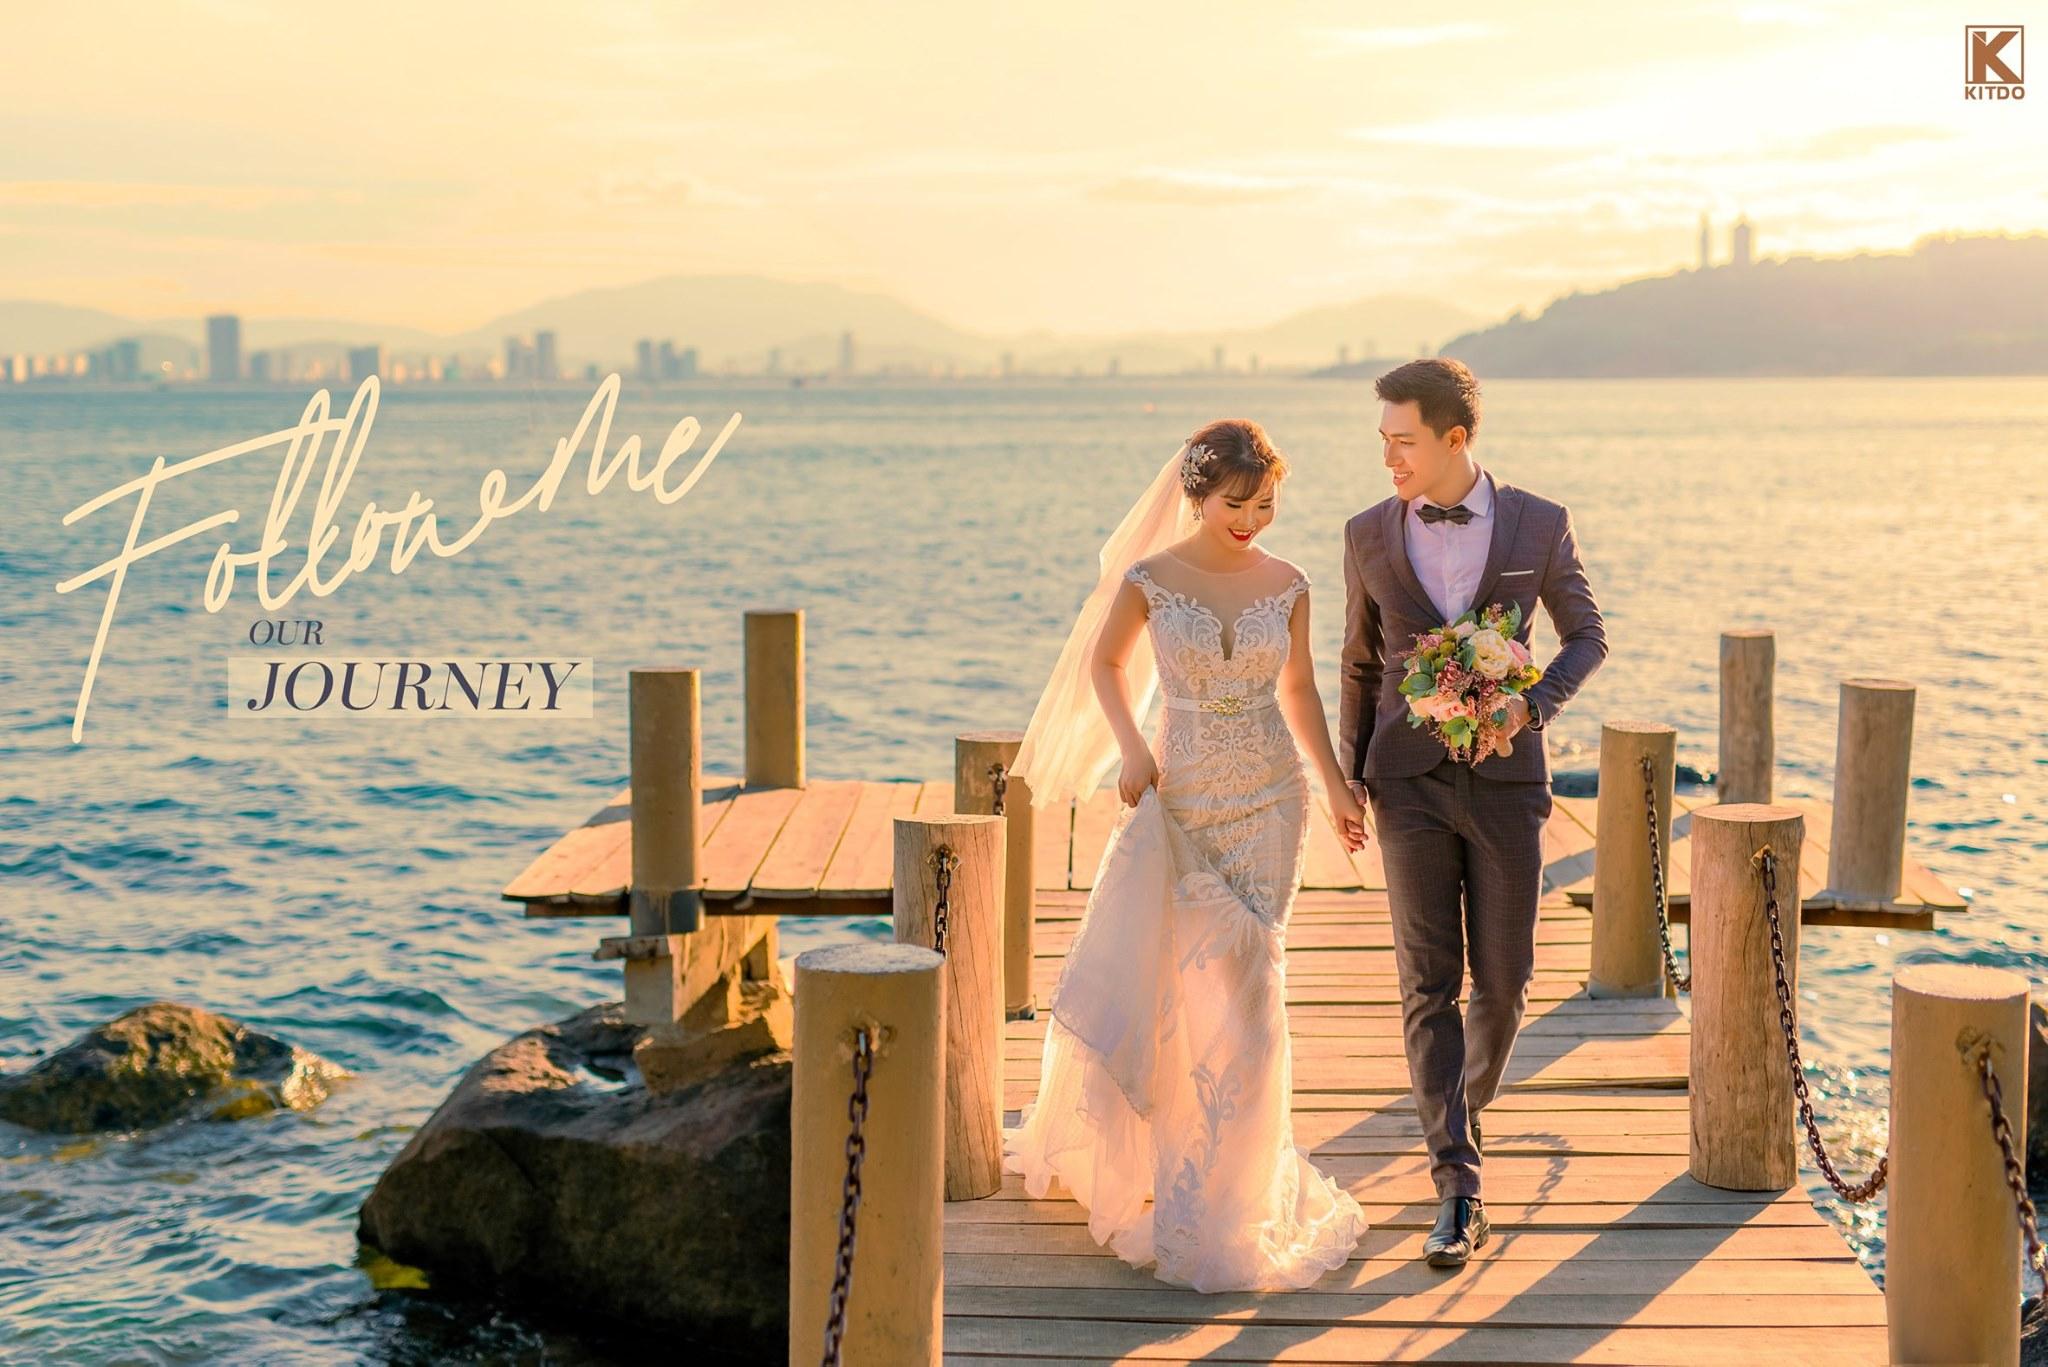 Xếp hạng 8 studio chụp ảnh cưới đẹp nhất Đà Nẵng -  Kit Đỗ Studio - Ảnh Cưới Đà Nẵng